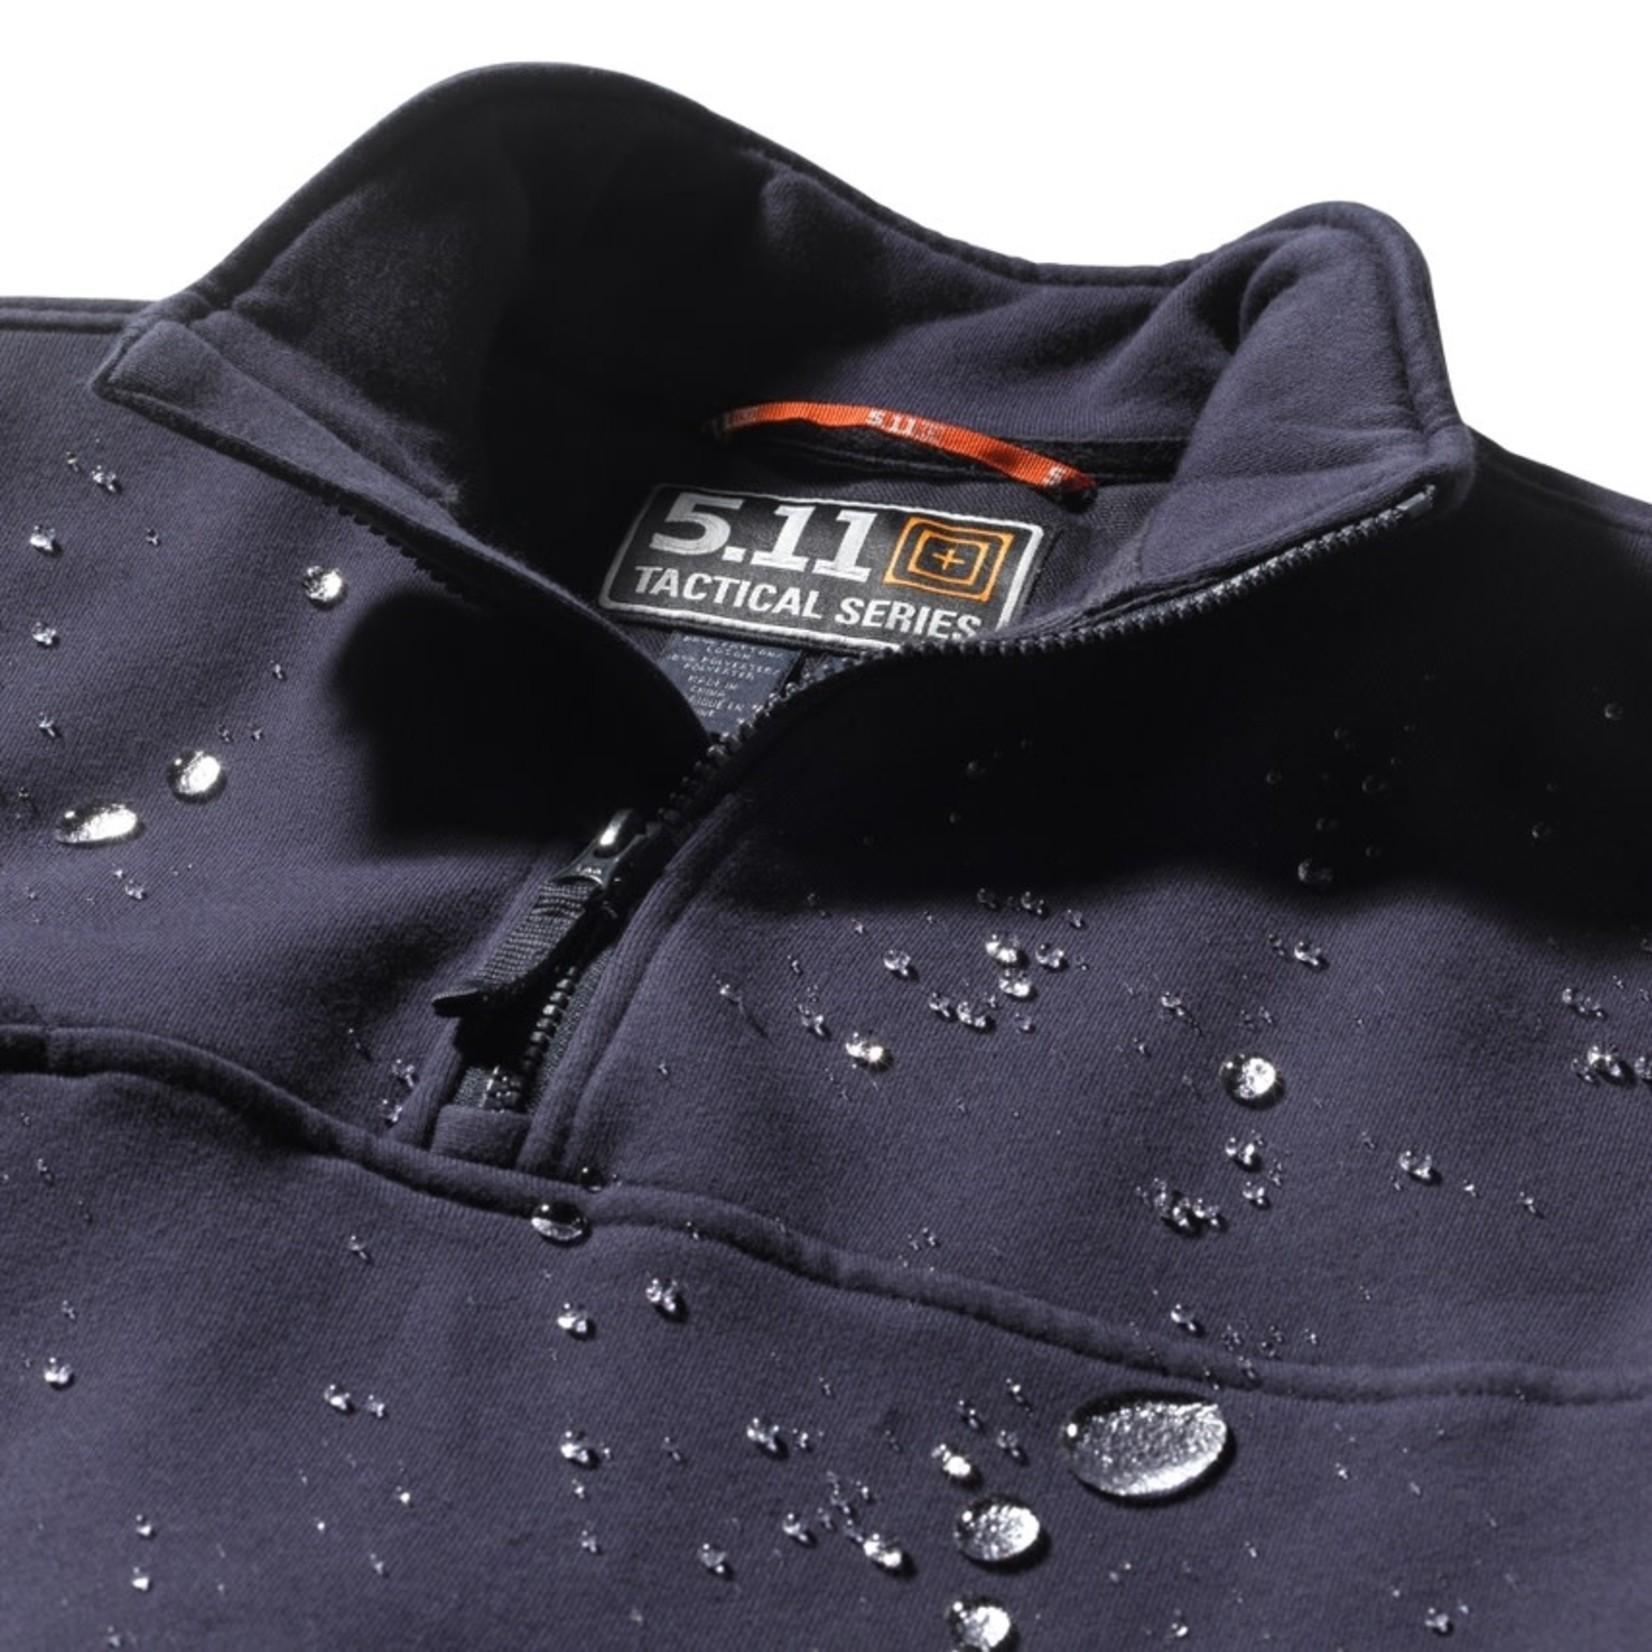 5.11 Tactical 5.11 Water Repellent Job Shirt